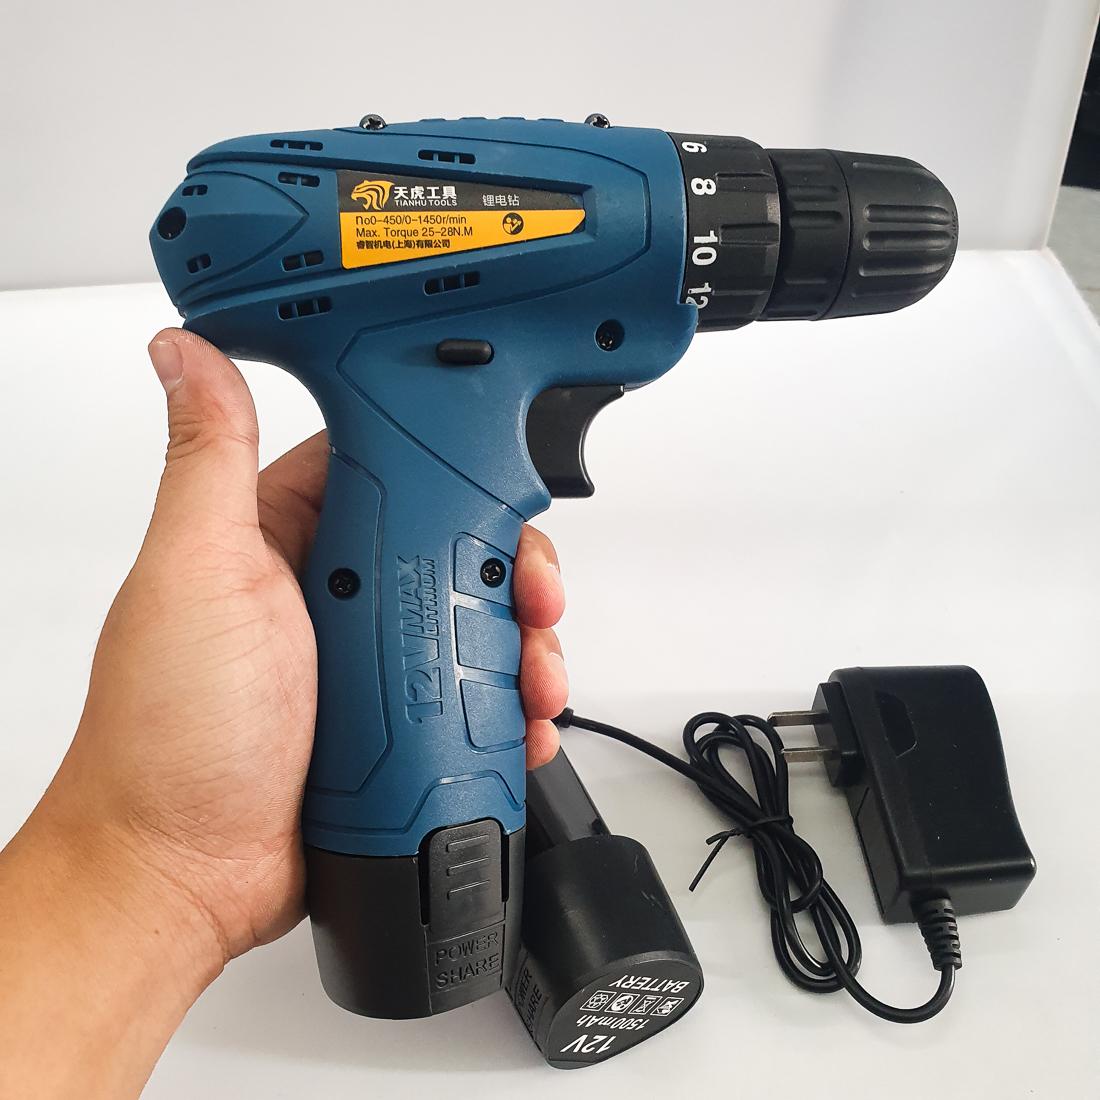 Máy Khoan Dùng Pin Tianhu Tools Máy Khoan Máy Khoan Bắn Vit Máy Khoan Cầm Tay Máy Khoan Sửa Chữa Vặn Vít Có Đảo Chiều (Kèm Pin Dự Phòng) - Màu xanh dương 12V